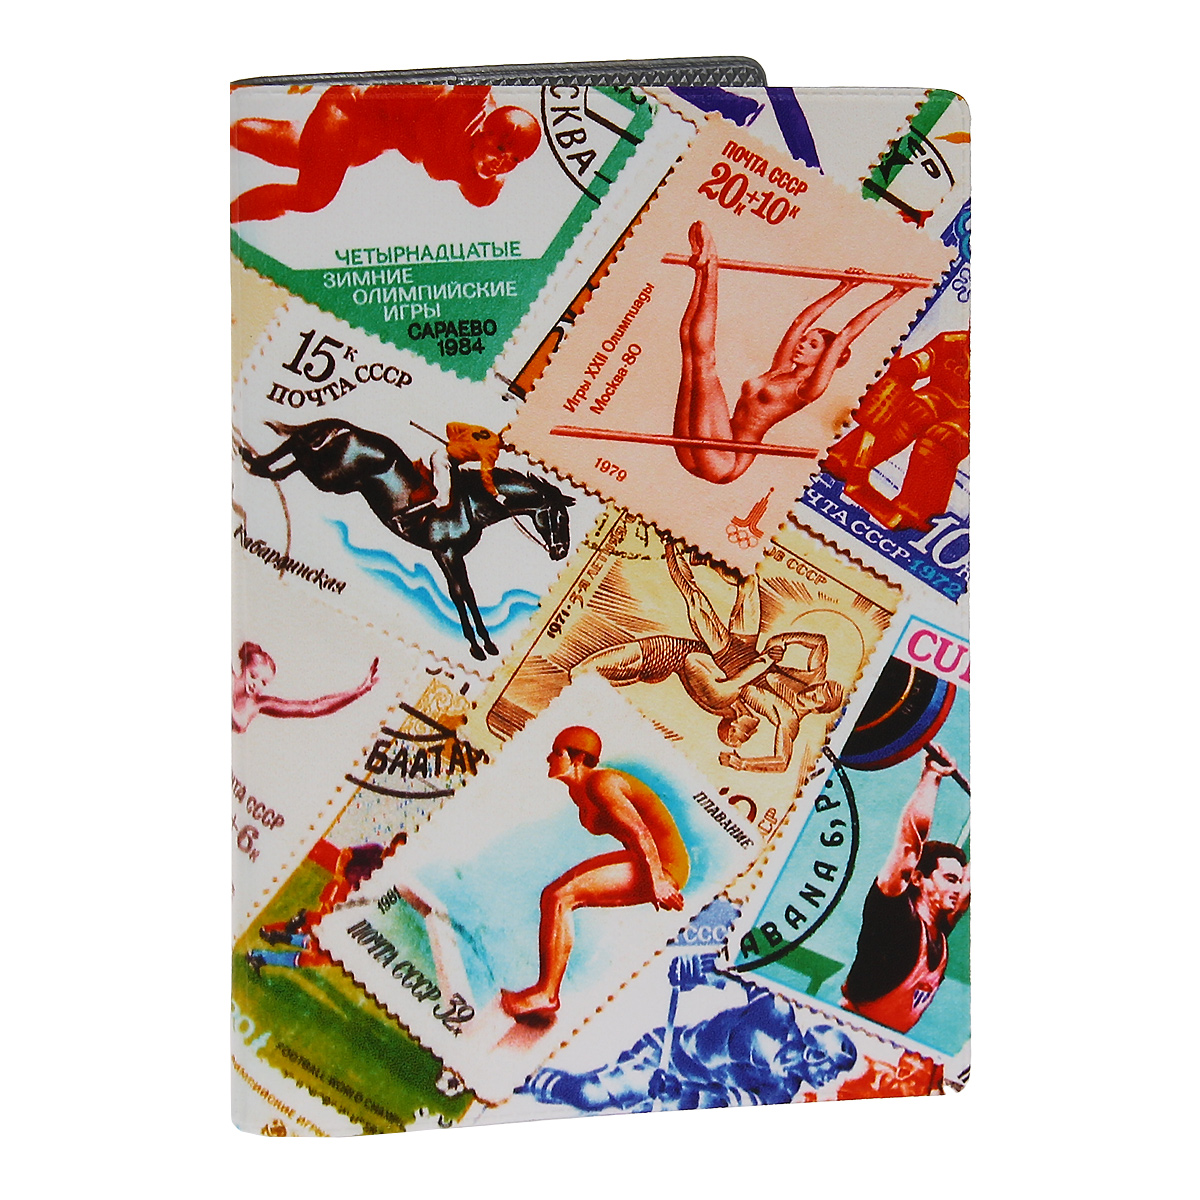 Обложка для паспорта Спорт (марки) 2. OZAM281860Обложка для паспорта Mitya Veselkov Спорт. Марки - 2 выполнена из прочного ПВХ и оформлена изображениями почтовых марок со спортивной тематикой. Такая обложка не только поможет сохранить внешний вид ваших документов и защитит их от повреждений, но и станет стильным аксессуаром, идеально подходящим вашему образу.Яркая и оригинальная обложка подчеркнет вашу индивидуальность и изысканный вкус. Обложка для паспорта стильного дизайна может быть достойным и оригинальным подарком.